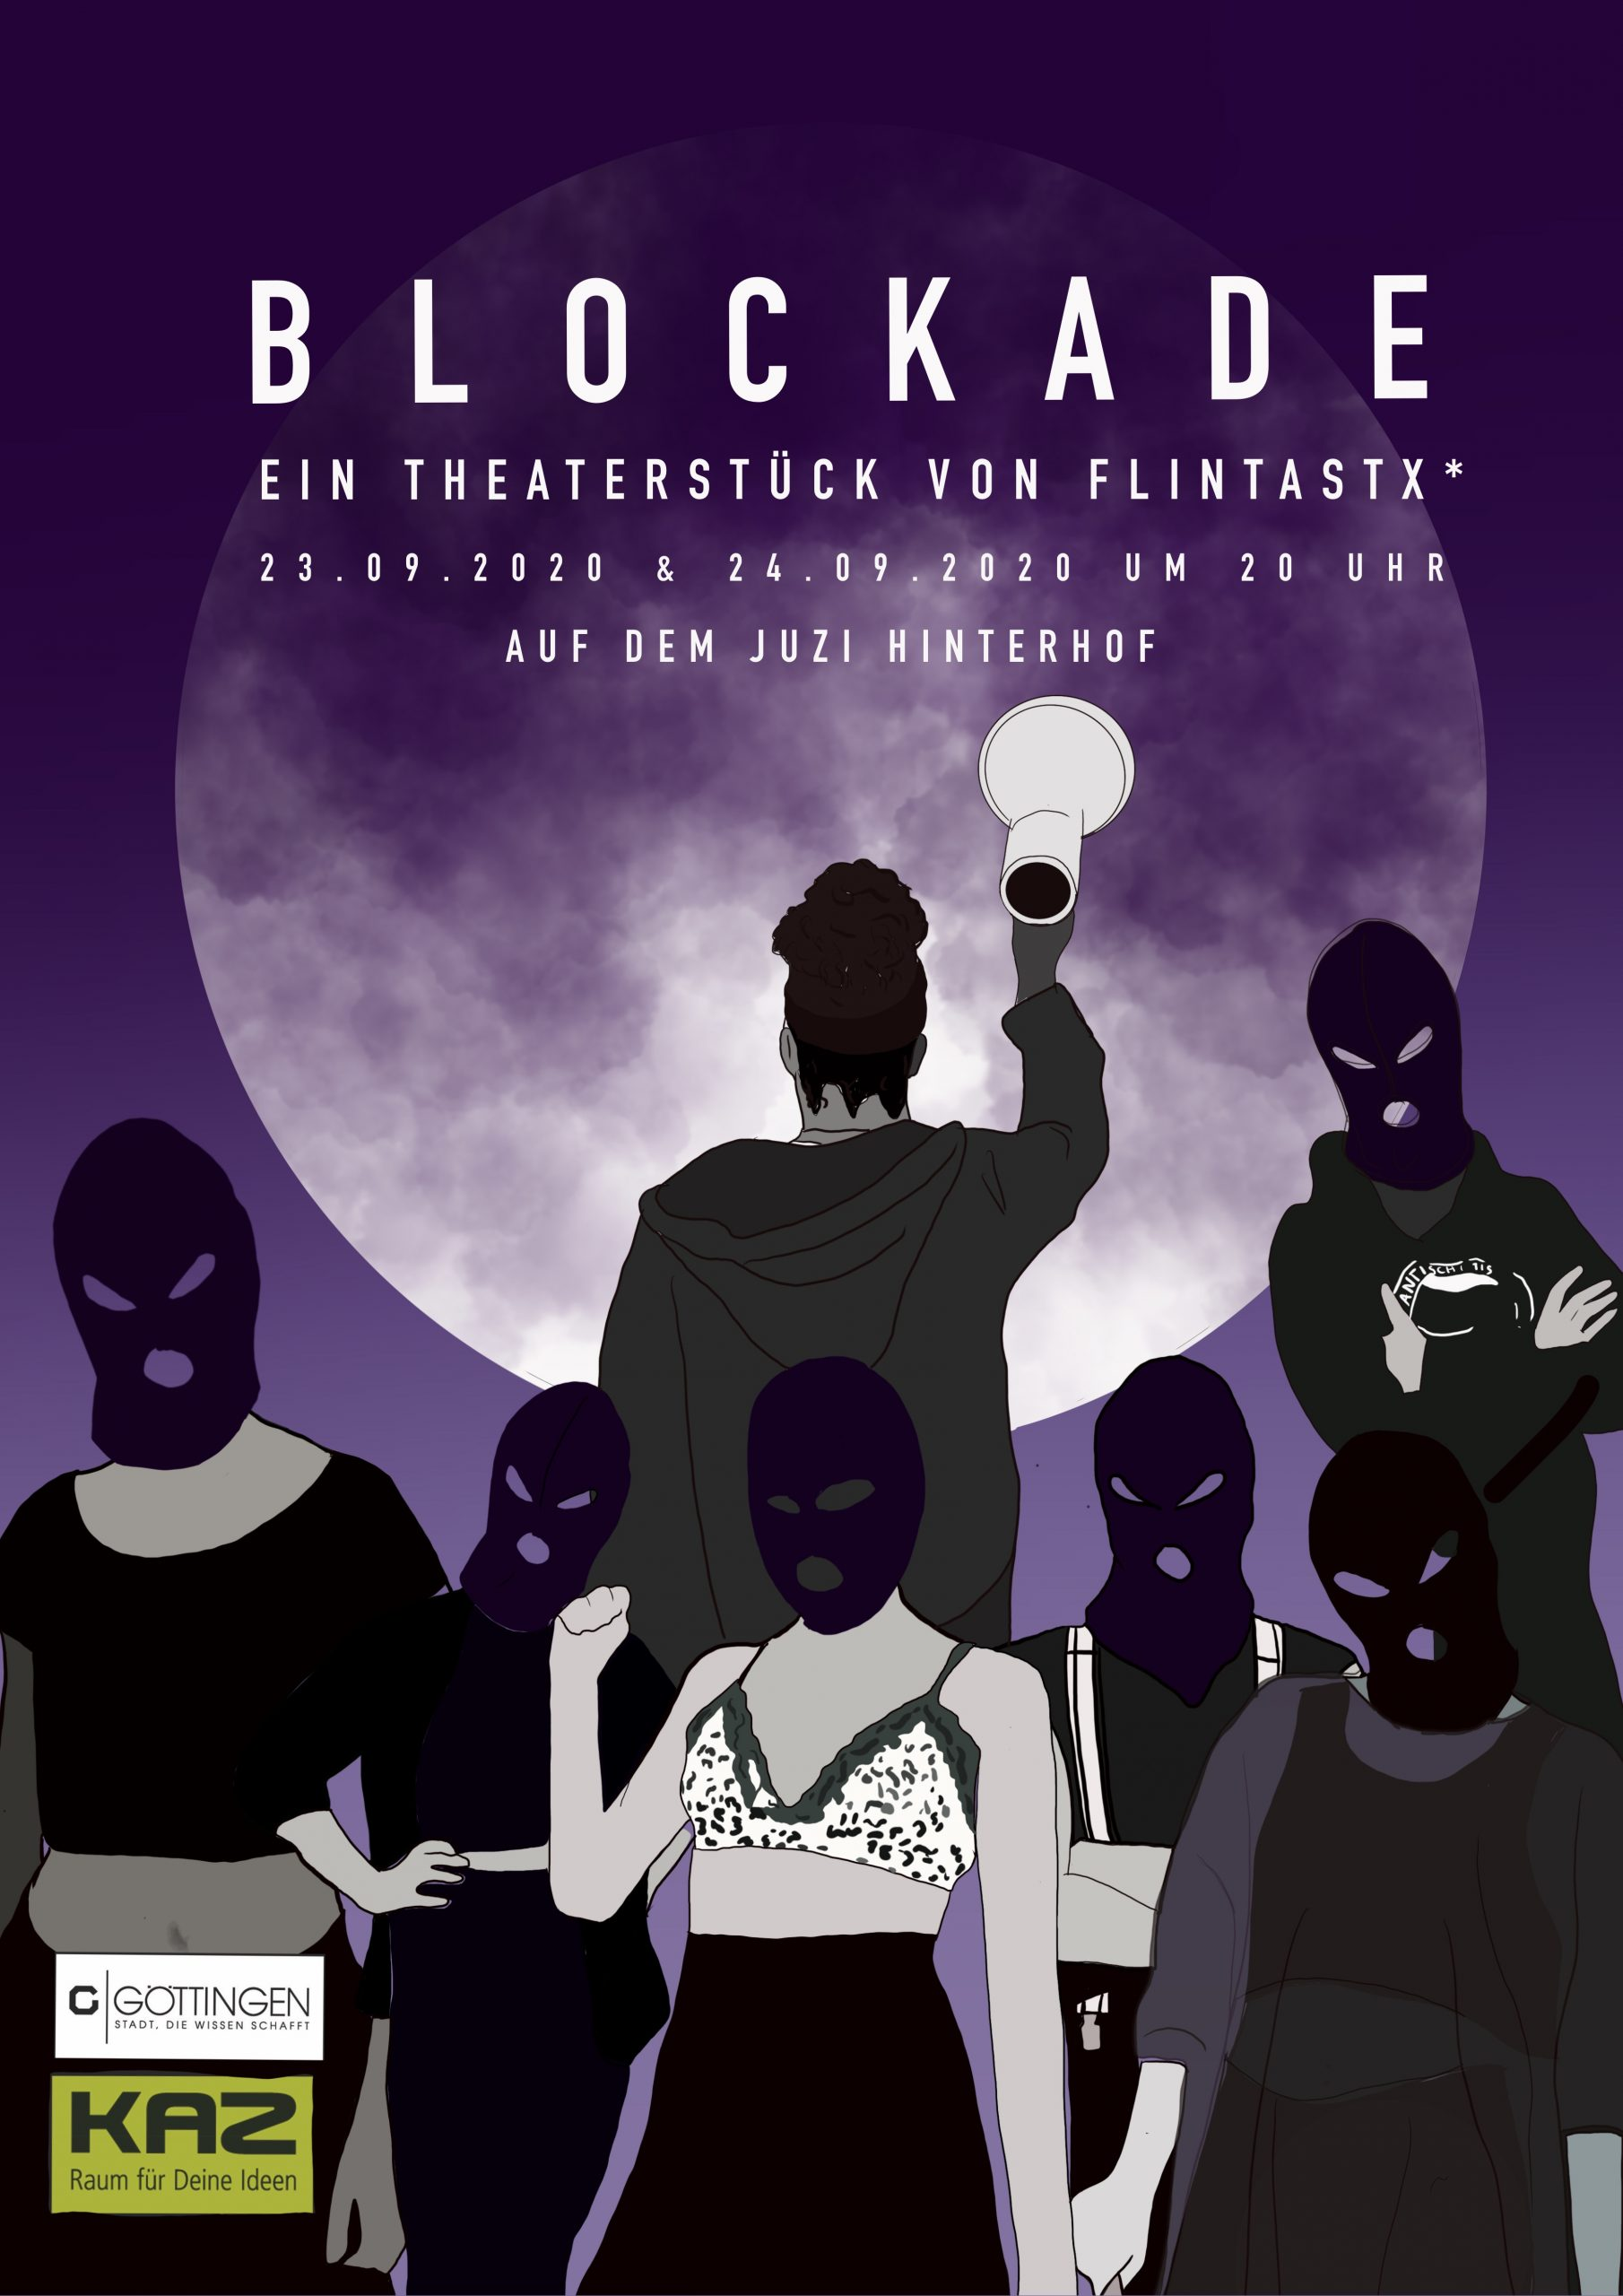 Freiraumprojekt KAZ - Blockade Theaterstück